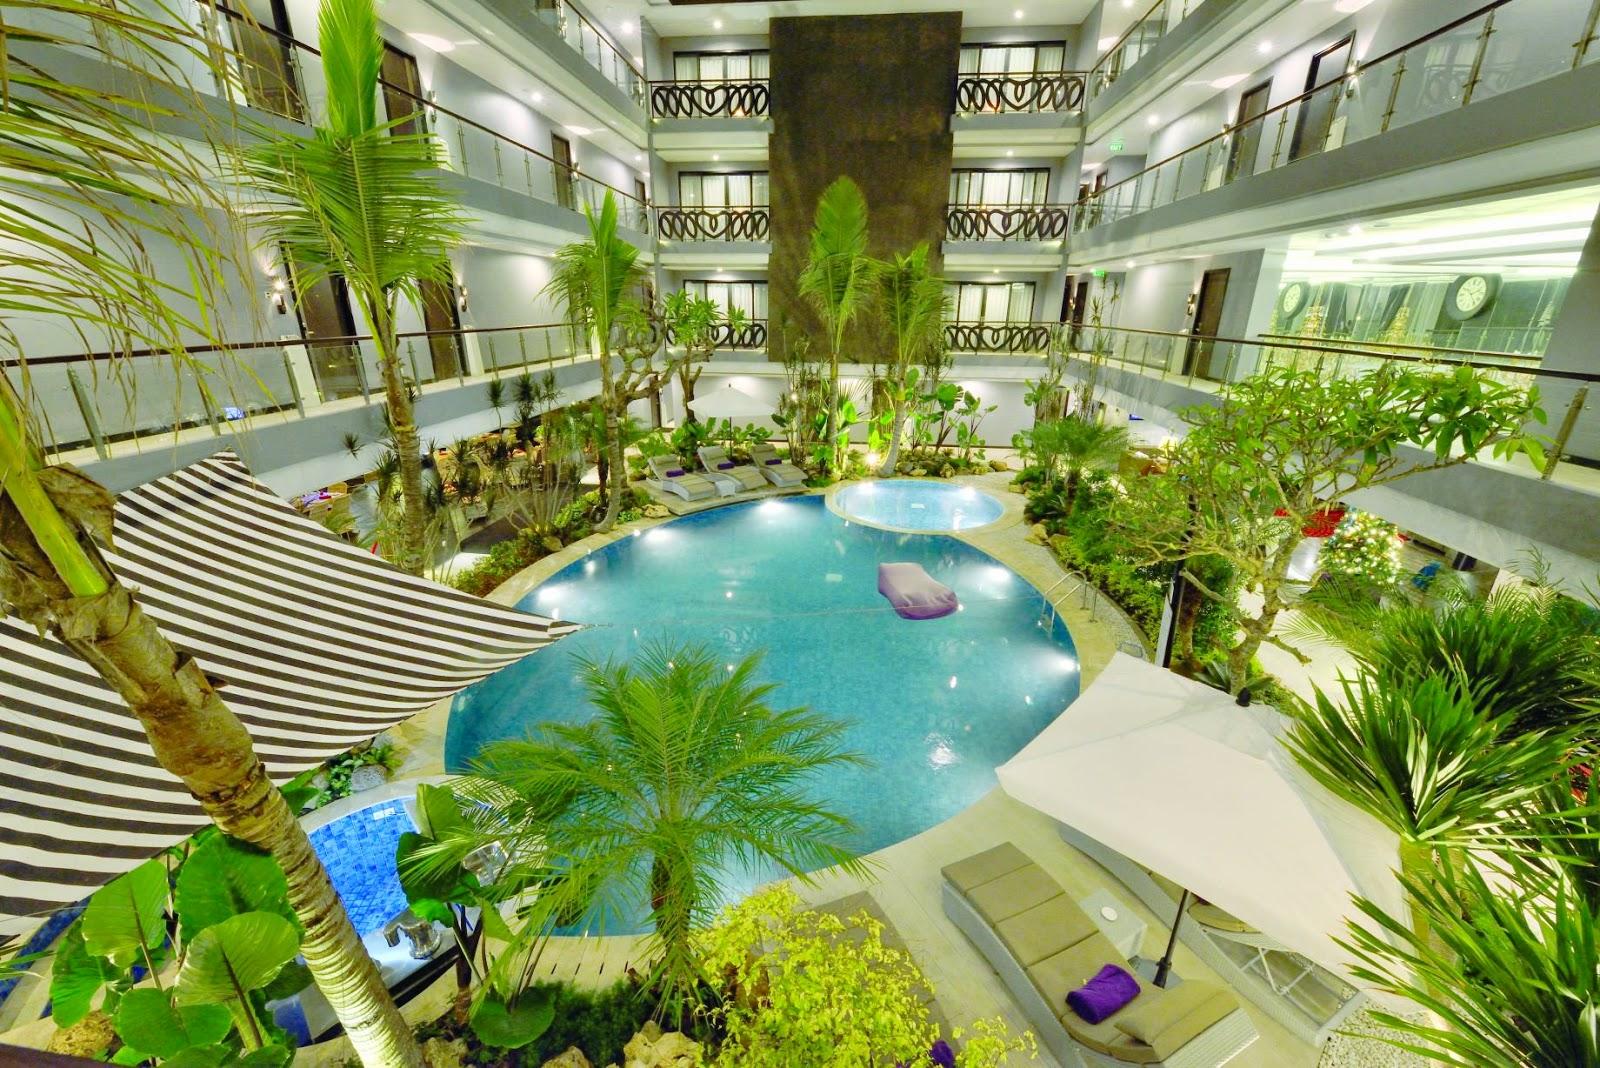 Burhan abe 39 s blog kagum hotel buka 868 kamar di tahun 2015 for Dekor kamar hotel ulang tahun